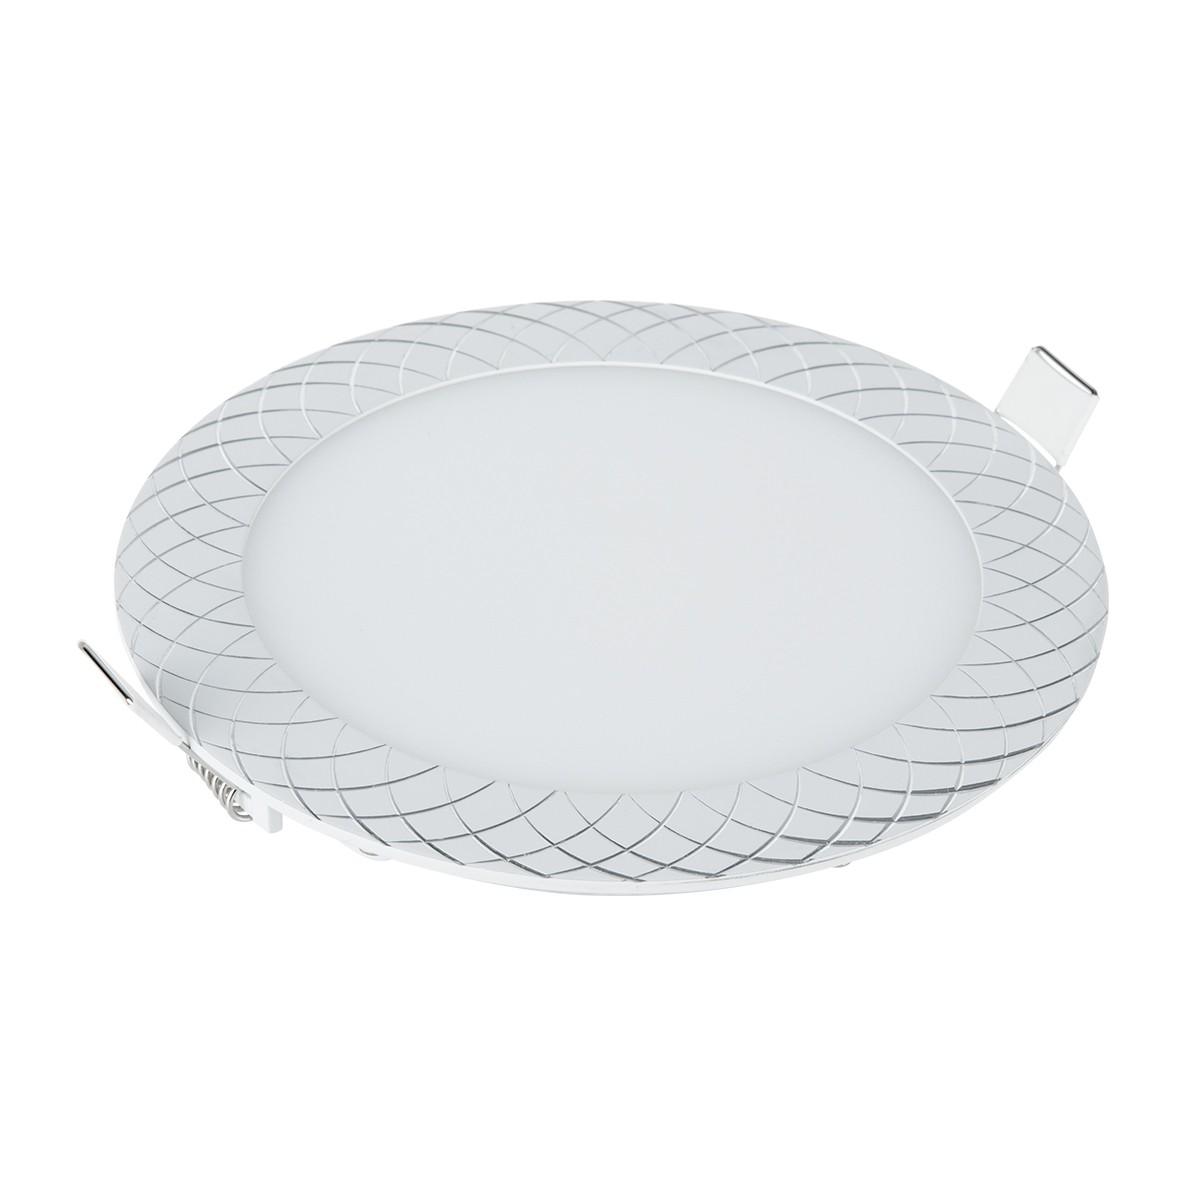 Дополнительное фото 1 товара Встраиваемый светильник Elektrostandard Downlight a035363